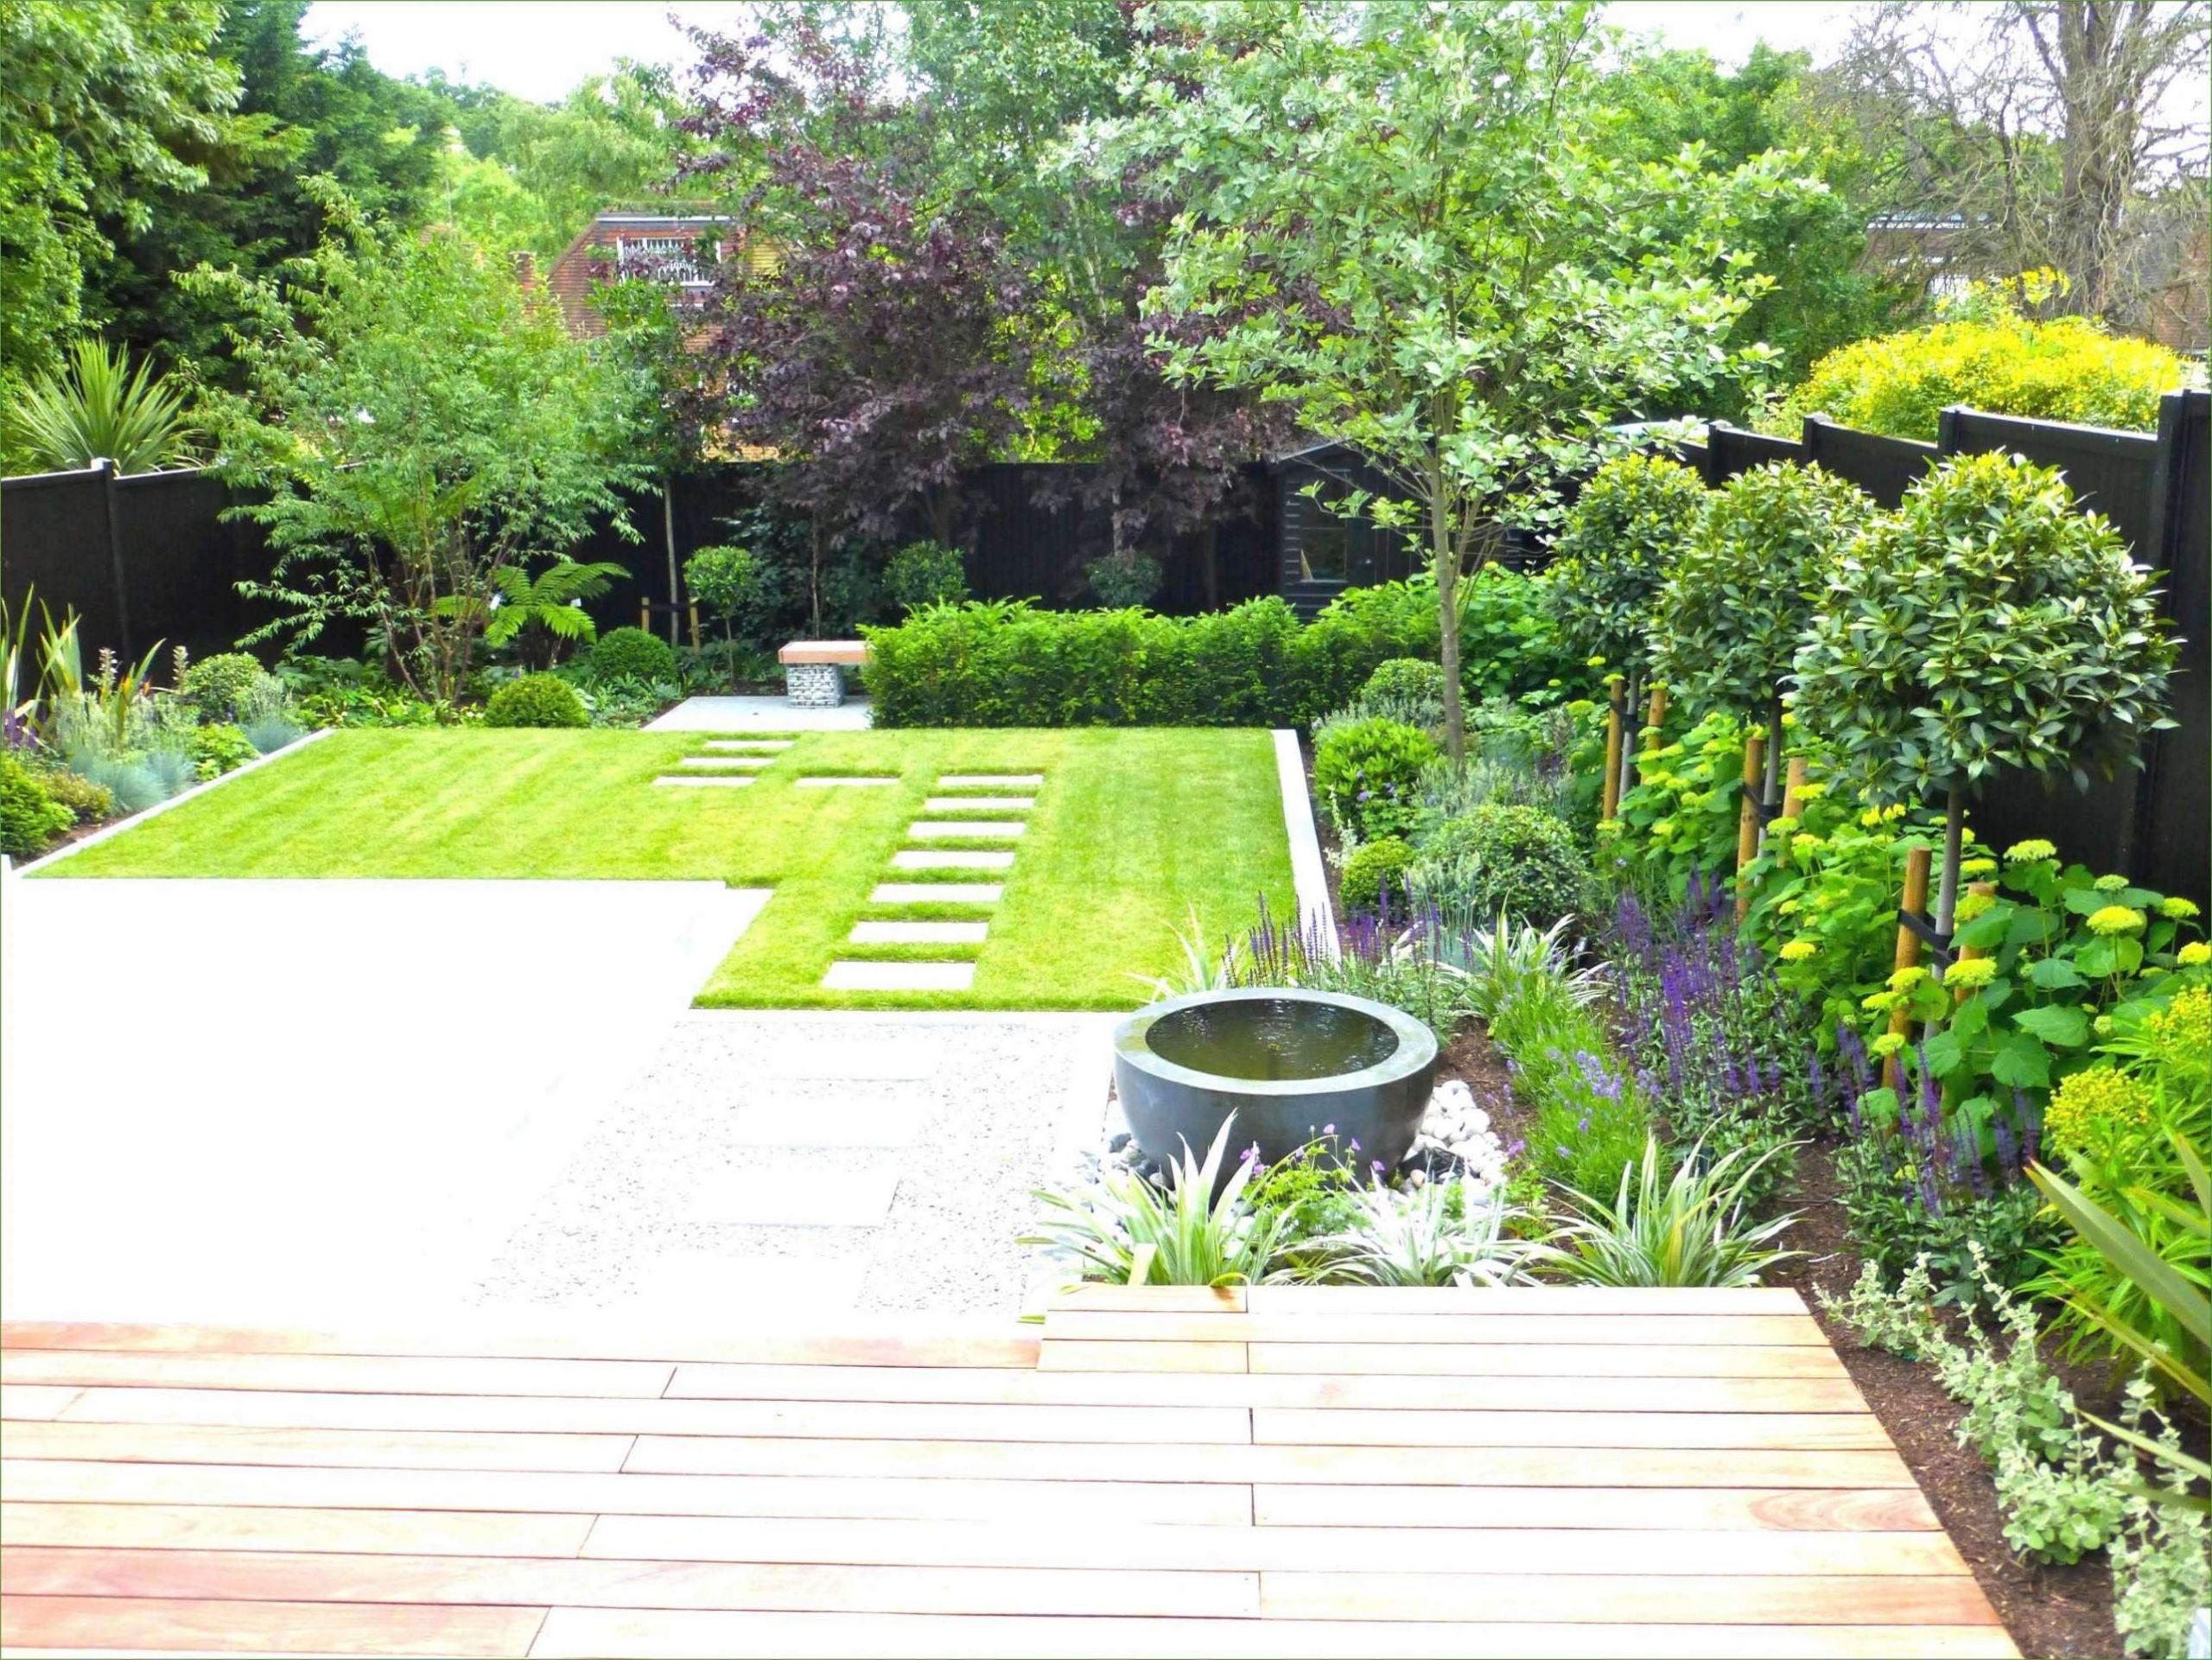 Deko Mauer Im Garten Elegant 27 Genial Deko Ideen Mit Steinen Im Garten Inspirierend